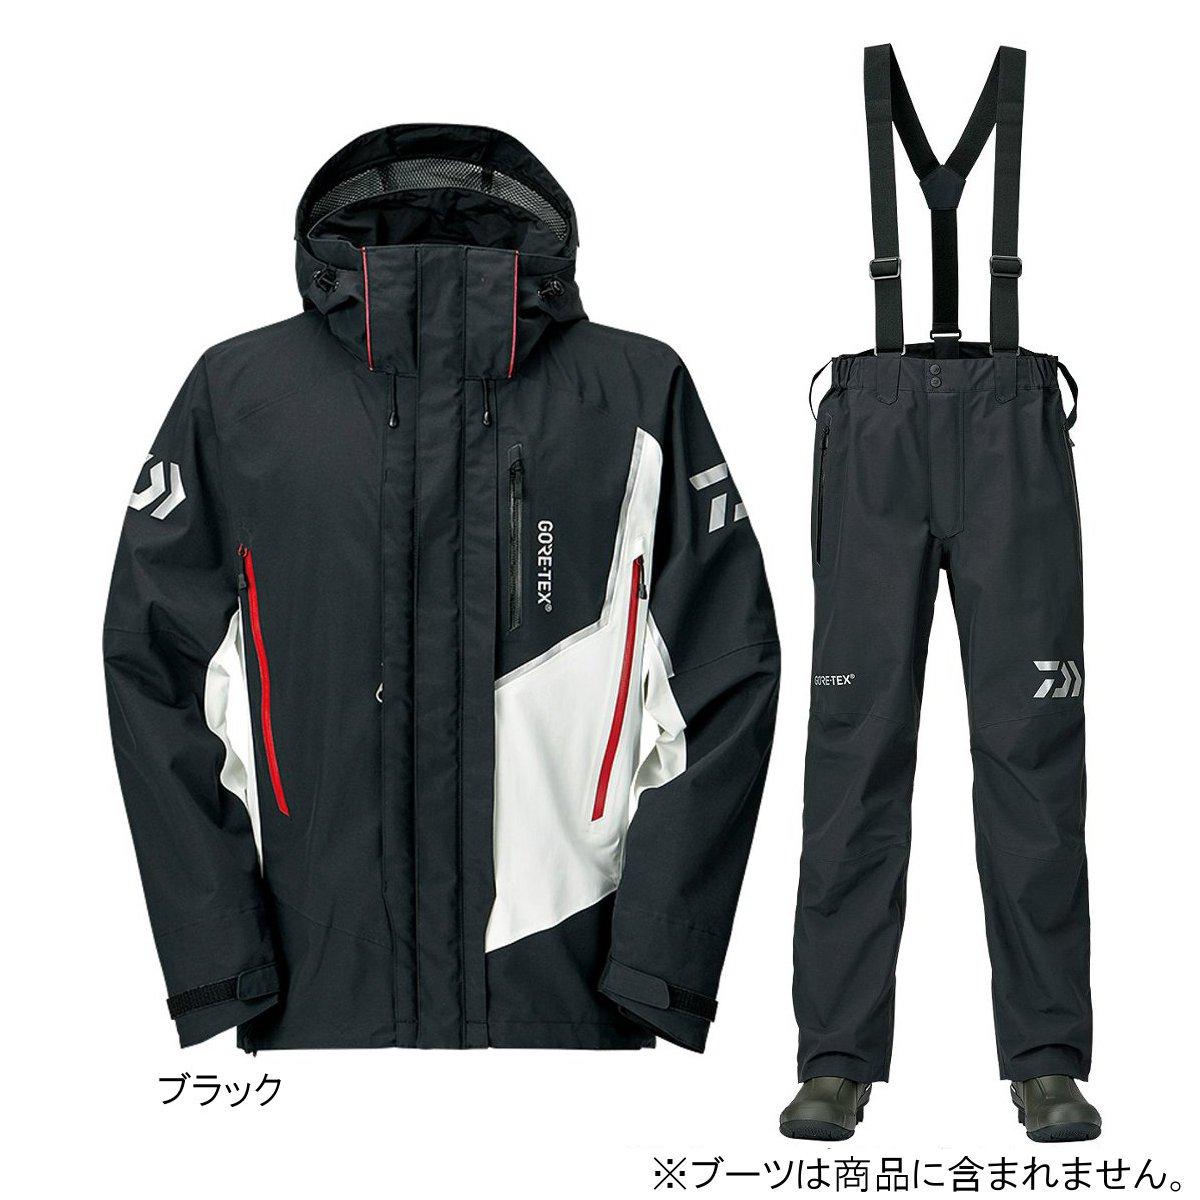 ダイワ ゴアテックス プロダクト コンビアップレインスーツ DR-18009 M ブラック【送料無料】